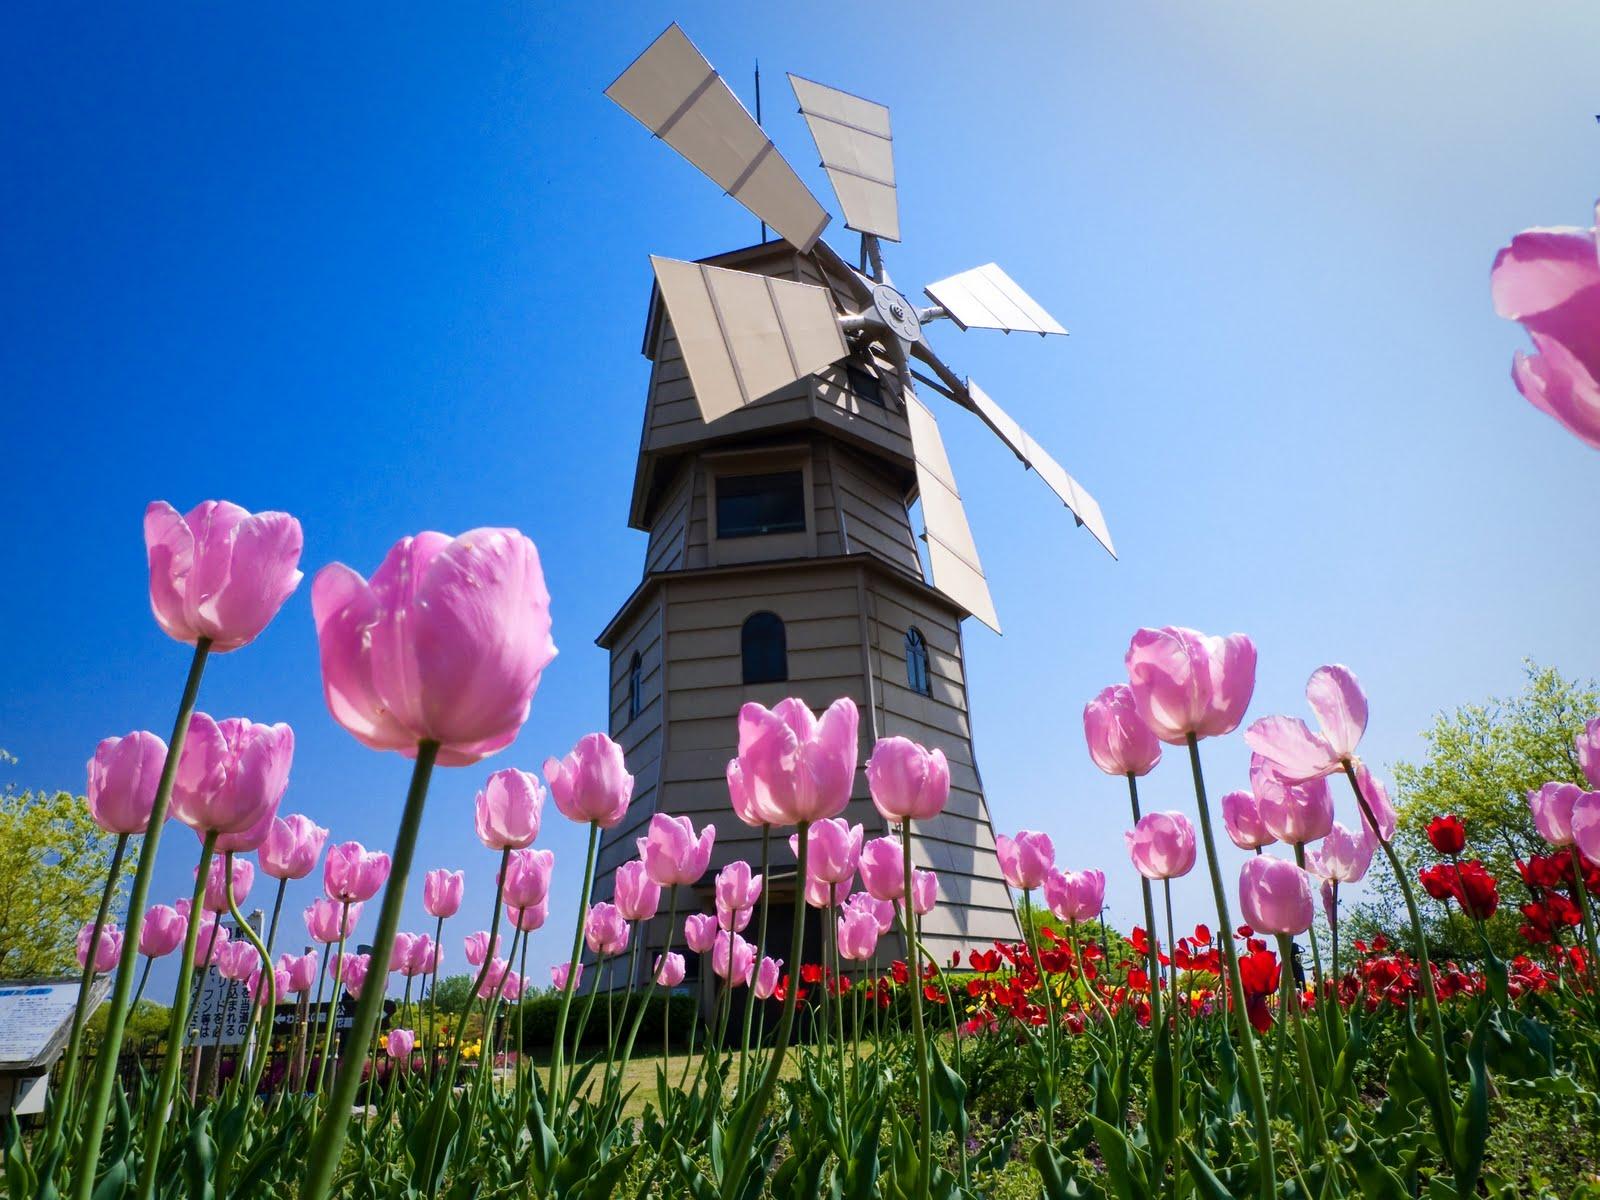 Tulipanes Florpedia com Flores Florpedia com - imagenes de flores tulipanes holandeses